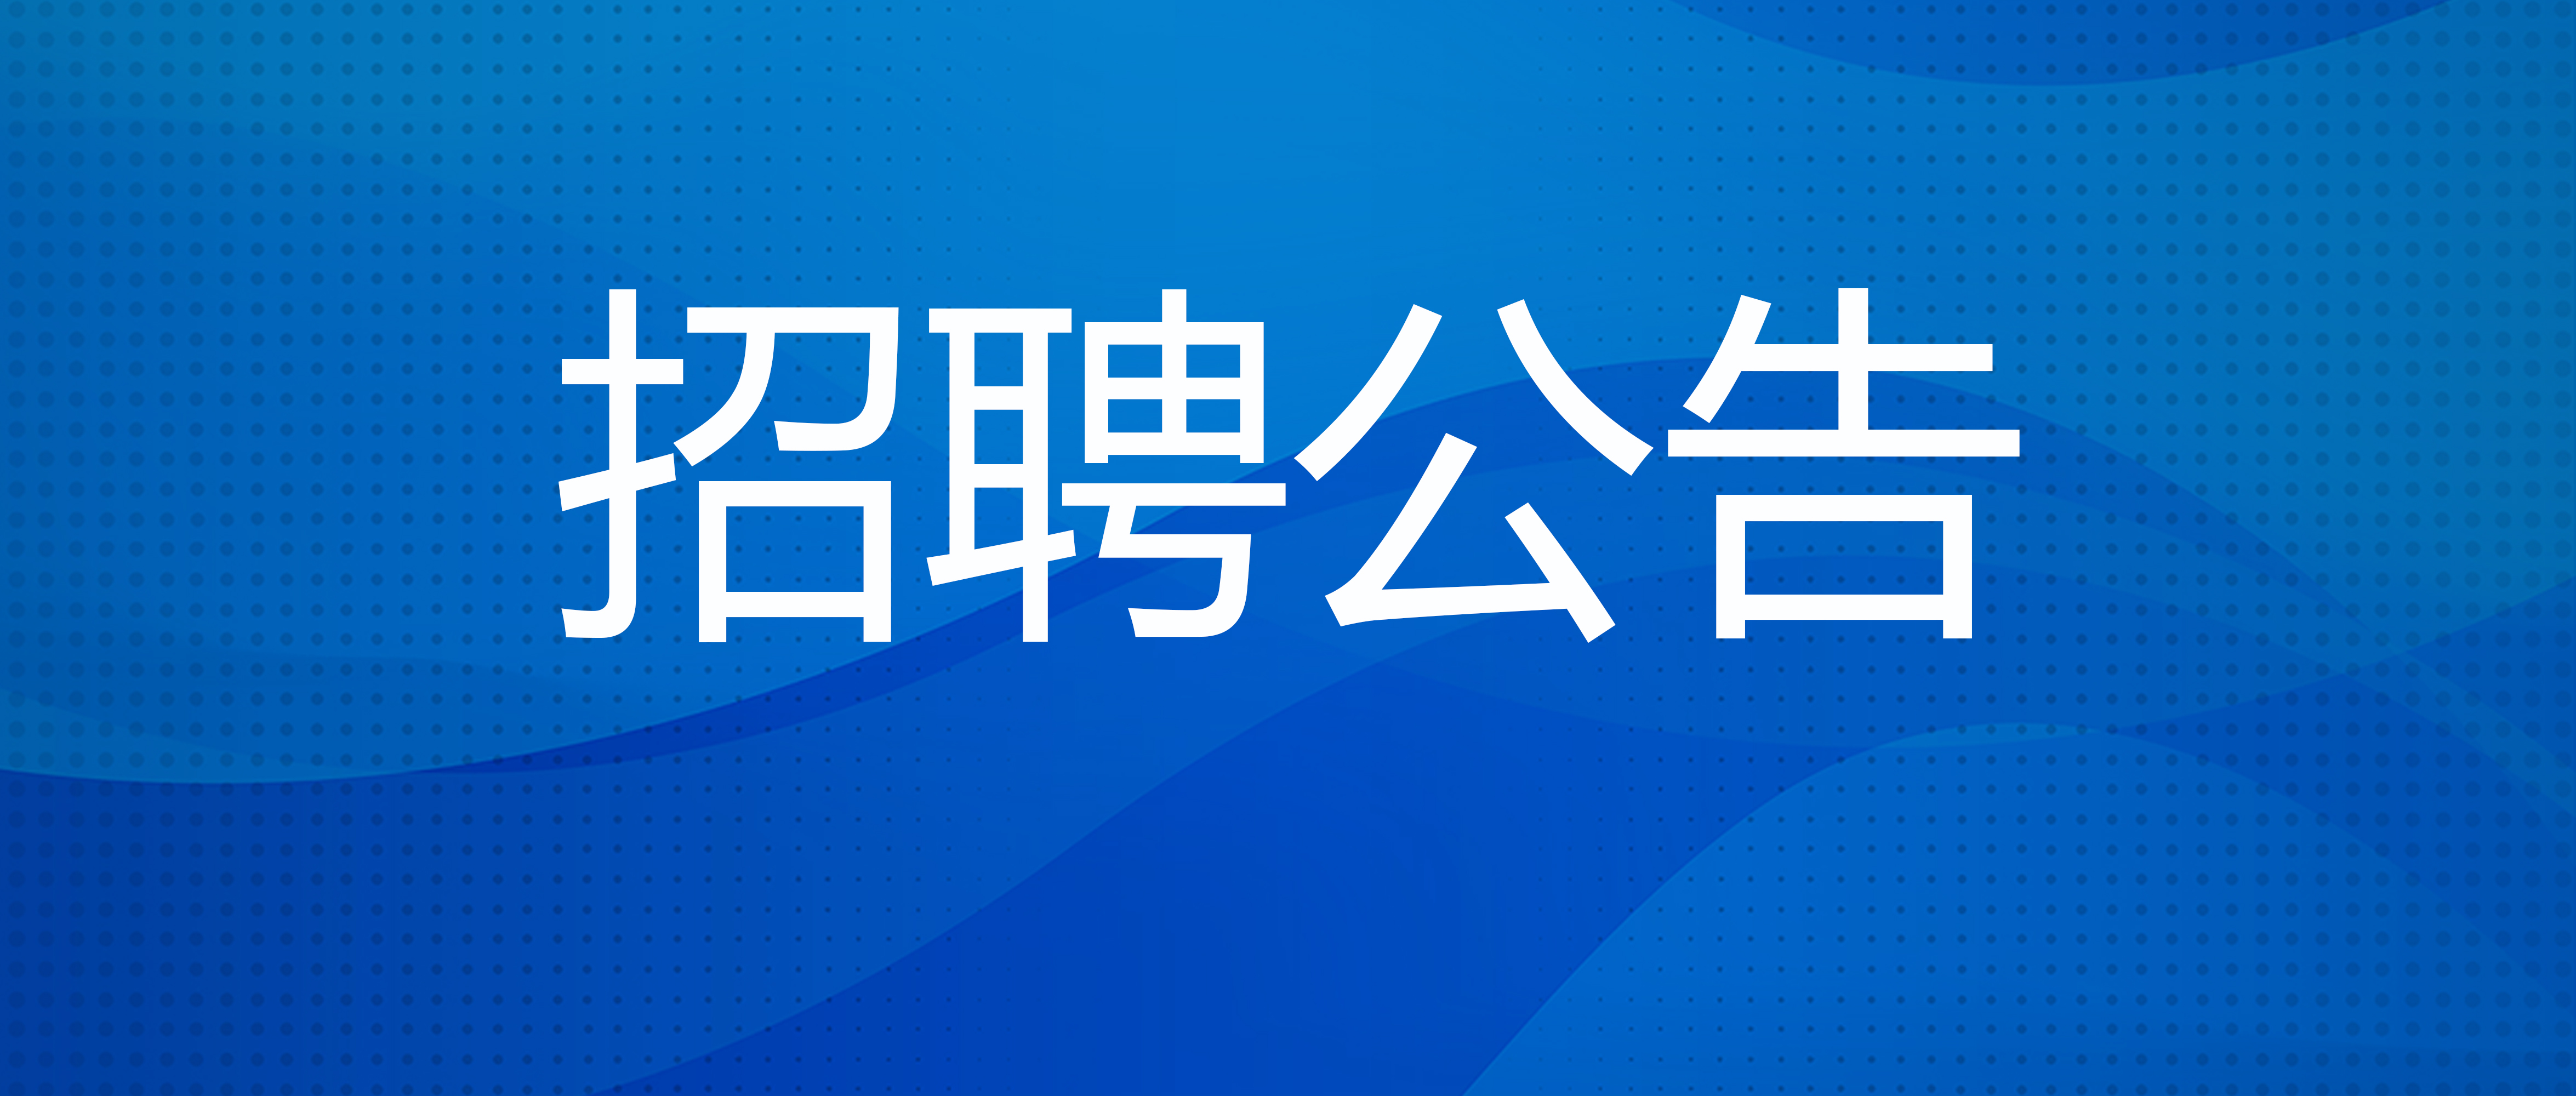 【锐博集团】&【盒马集市】合作项目公开招聘公告